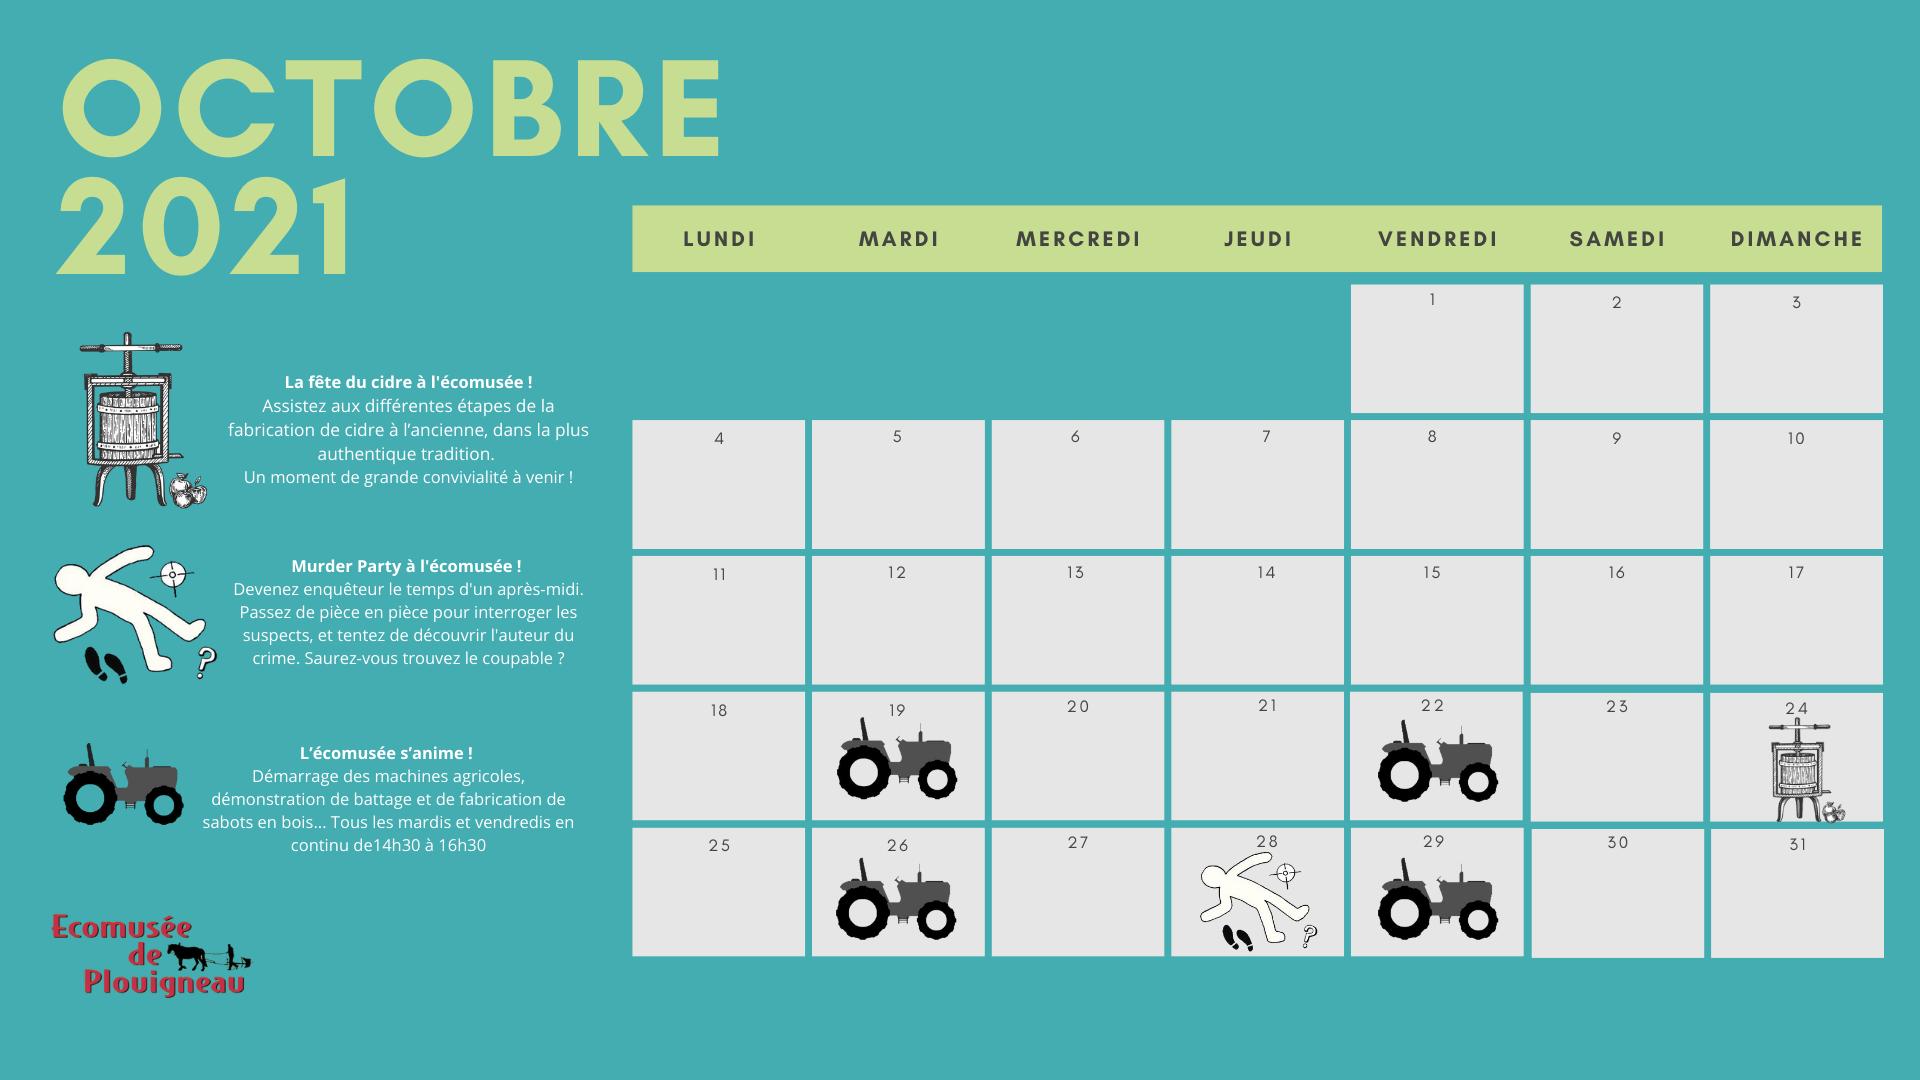 calendrier du mois d'octobre à l'écomusée de Plouigneau